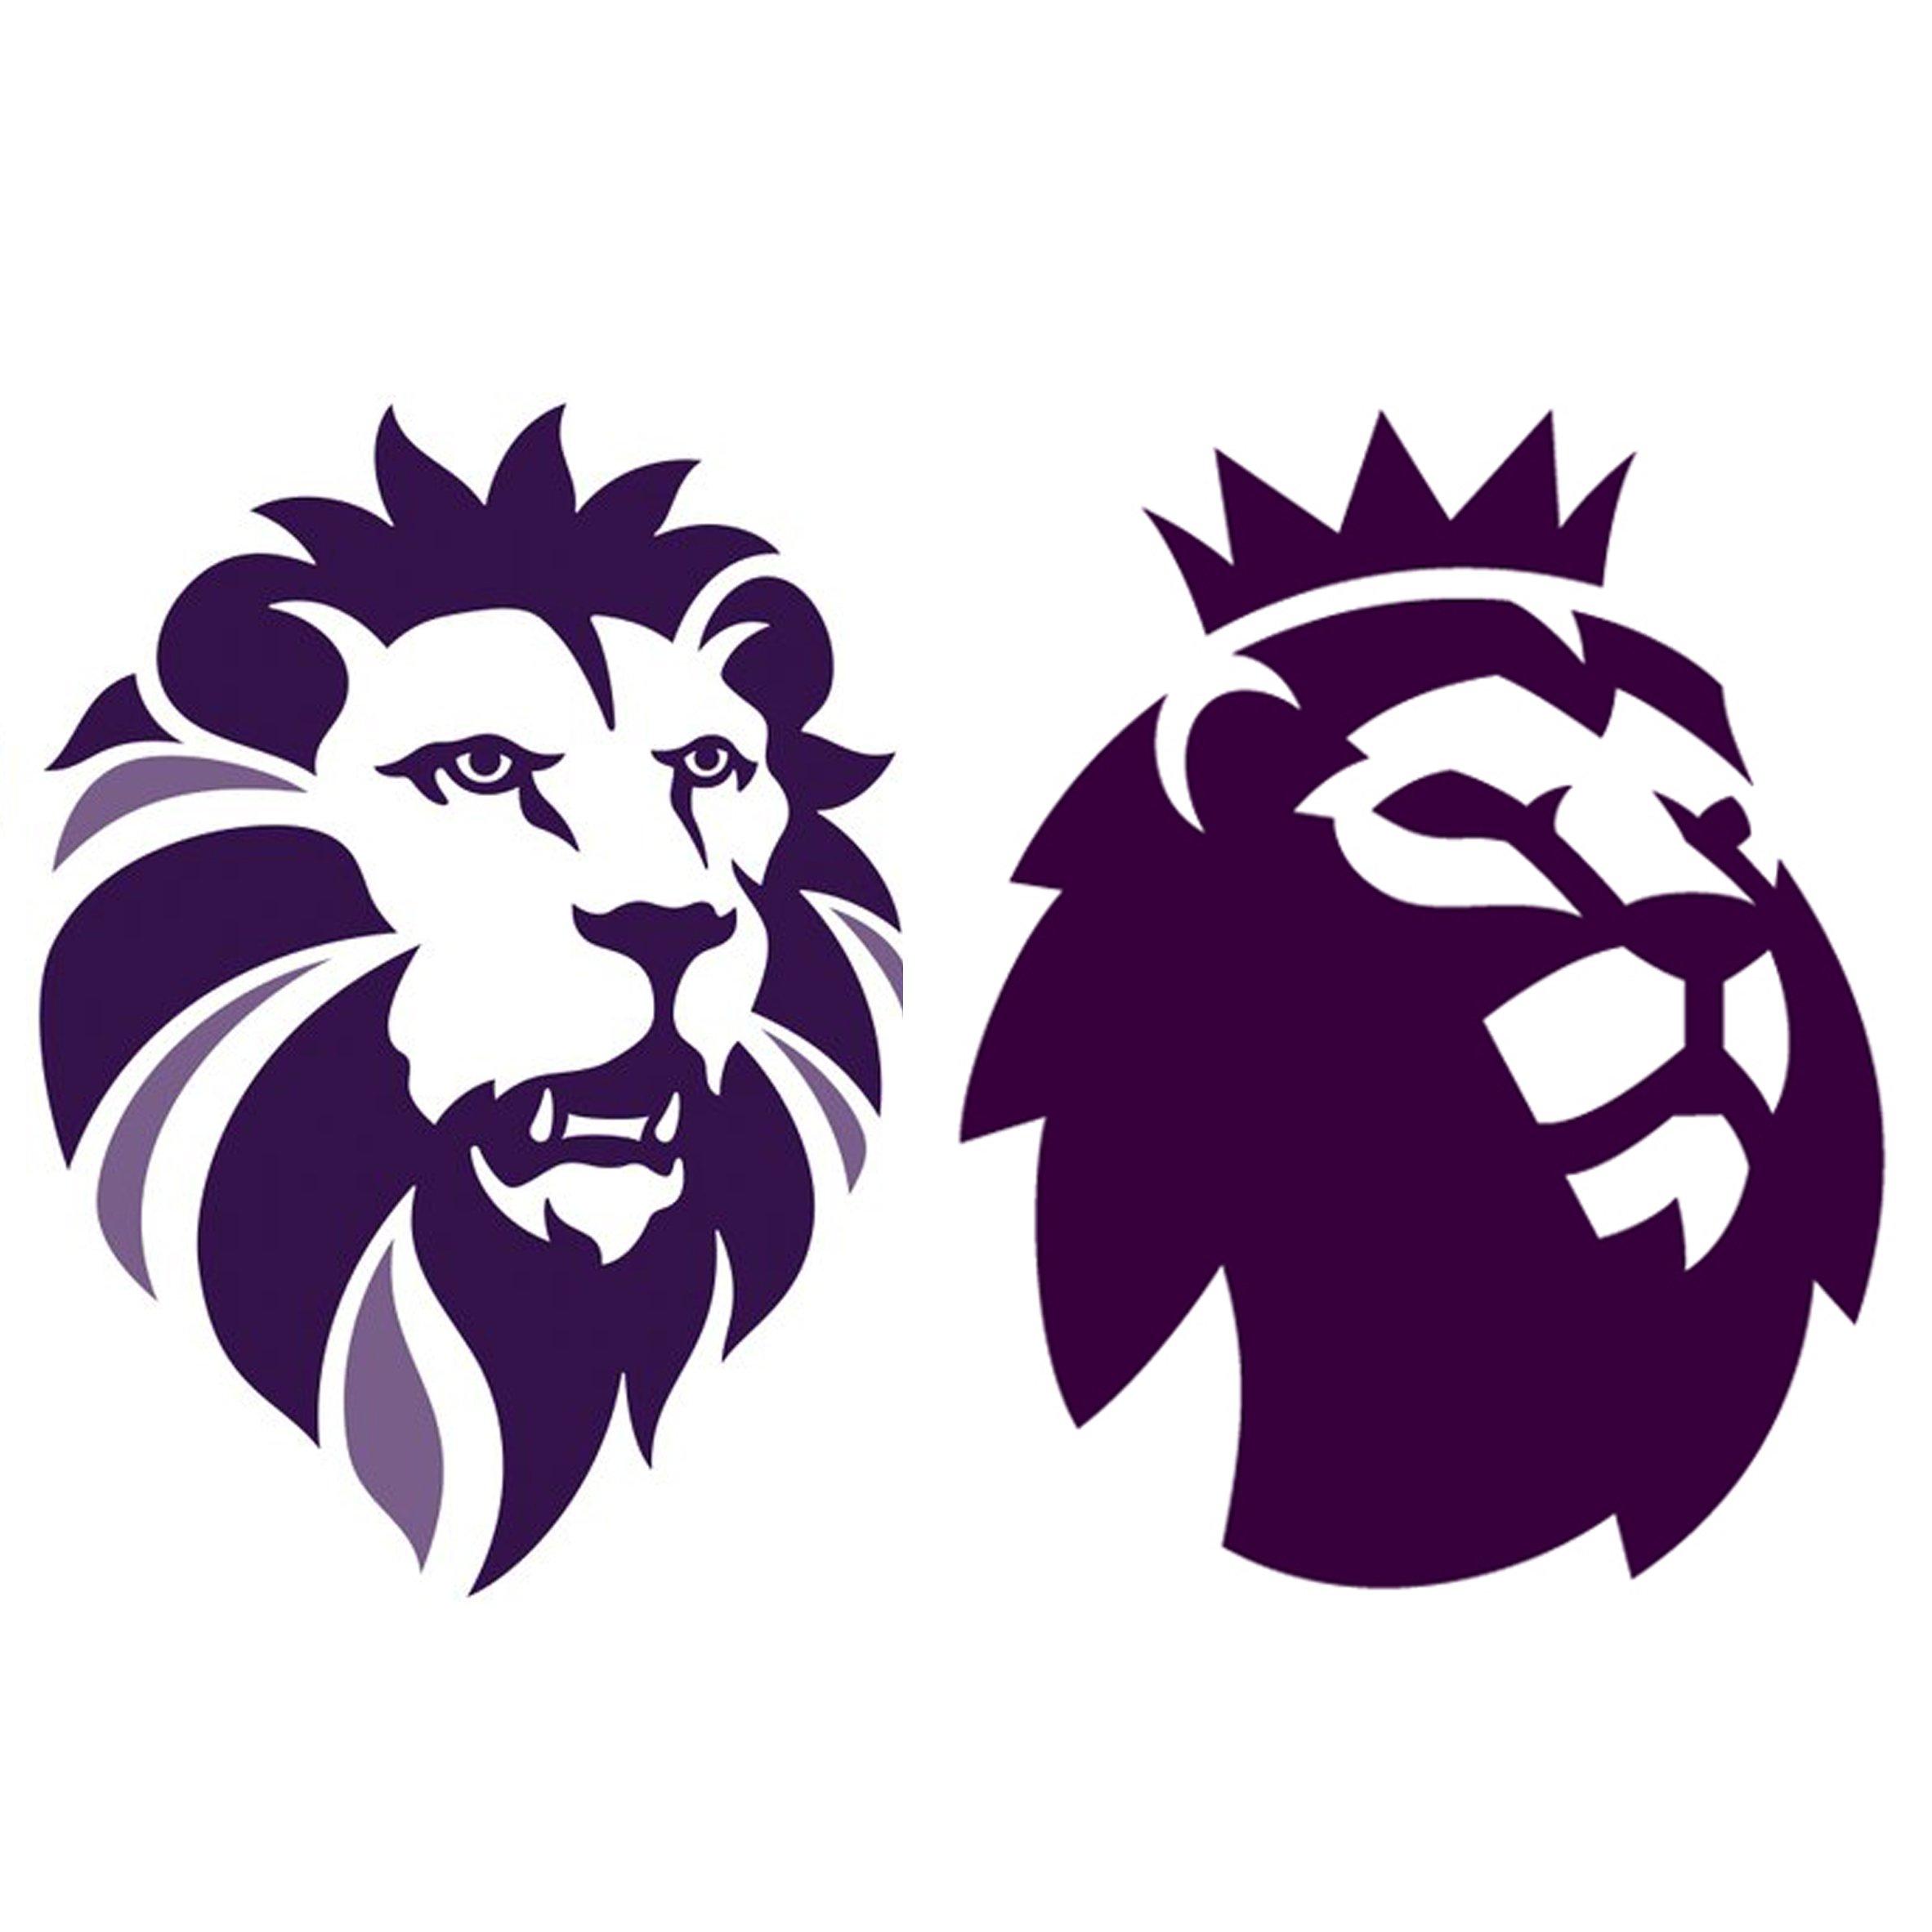 Ukip Faces Copyright Battle With Premier League Over Similar Lion Logo